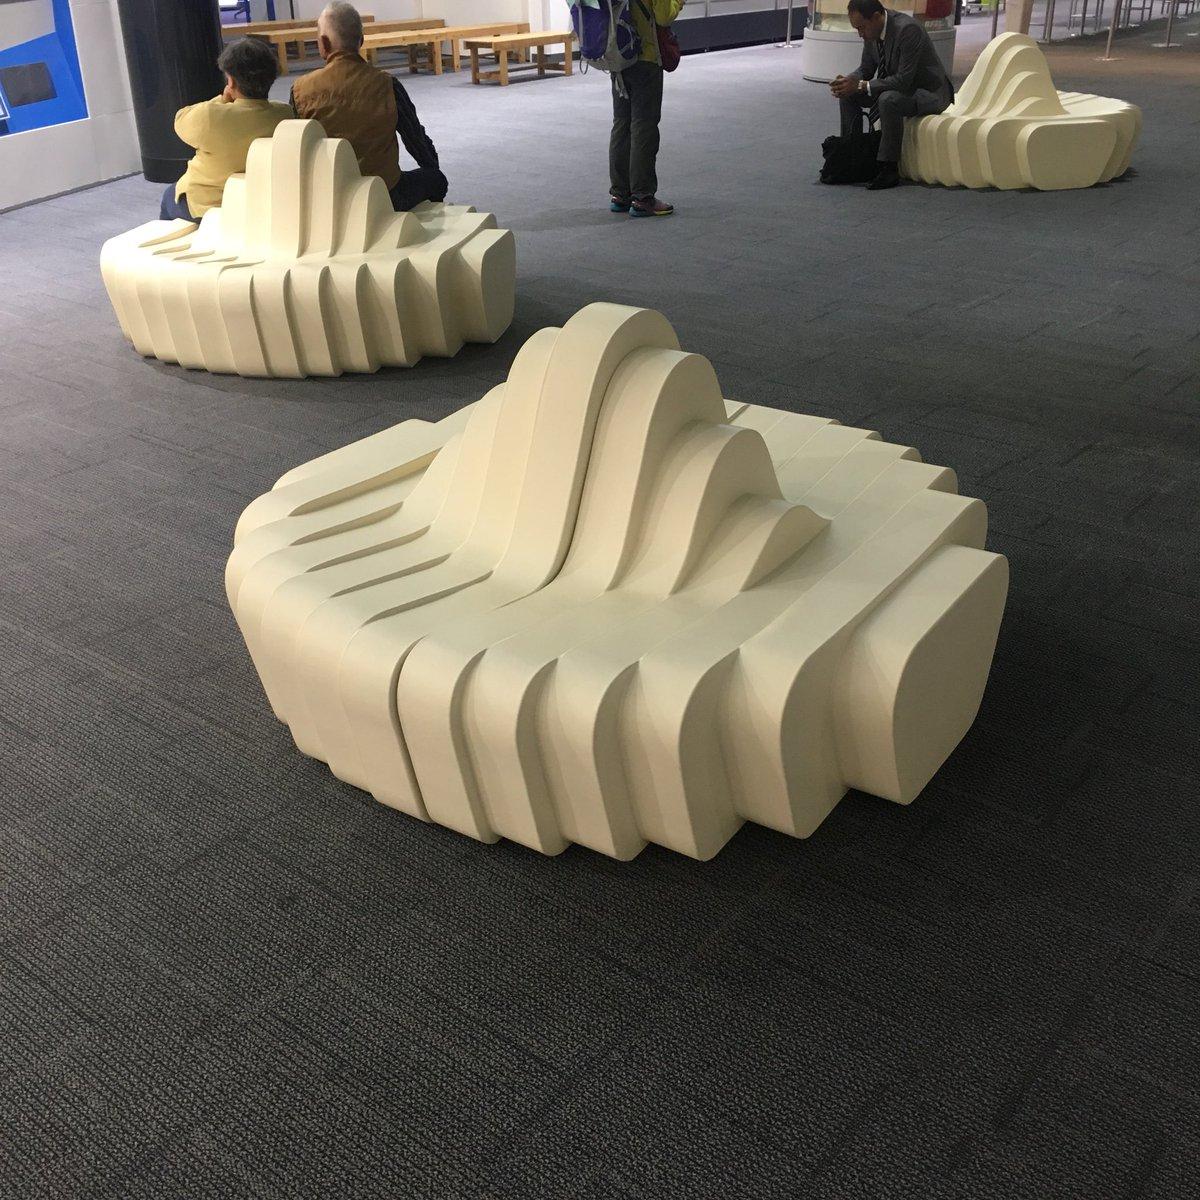 高松空港の椅子が新しくなってたんですけど、「我々はうどんで戦っていくんだ」という強い意志が感じられて良い